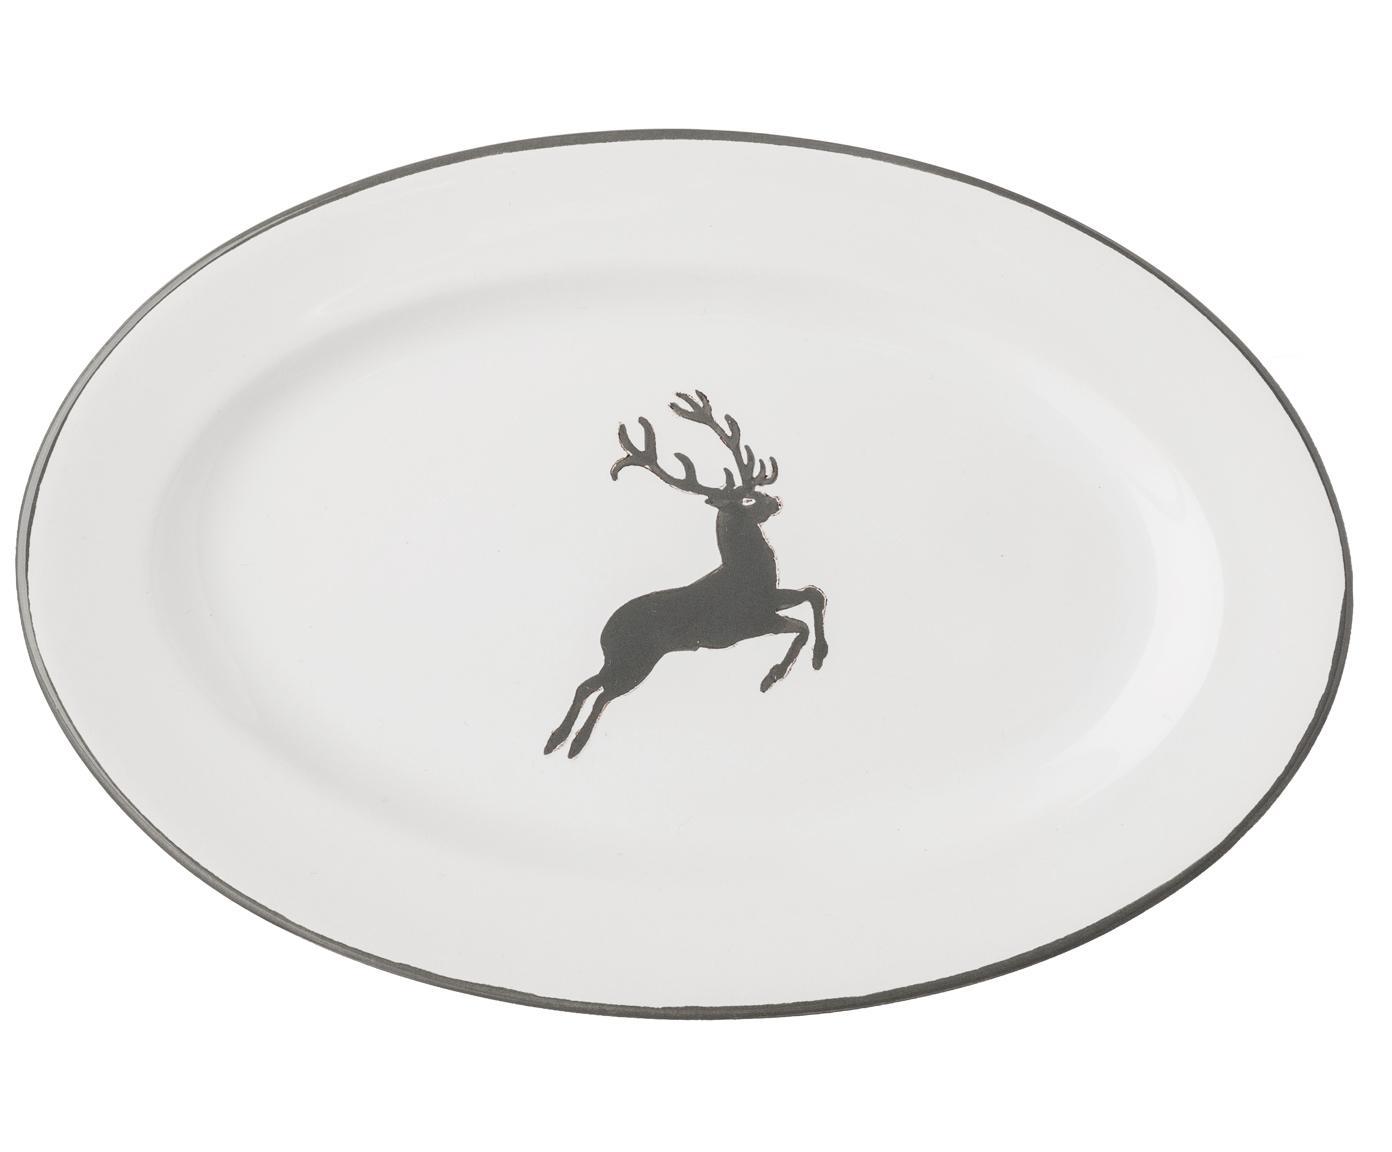 Półmisek Gourmet Grauer Hirsch, Ceramika, Szary, biały, D 14 x S 21 cm